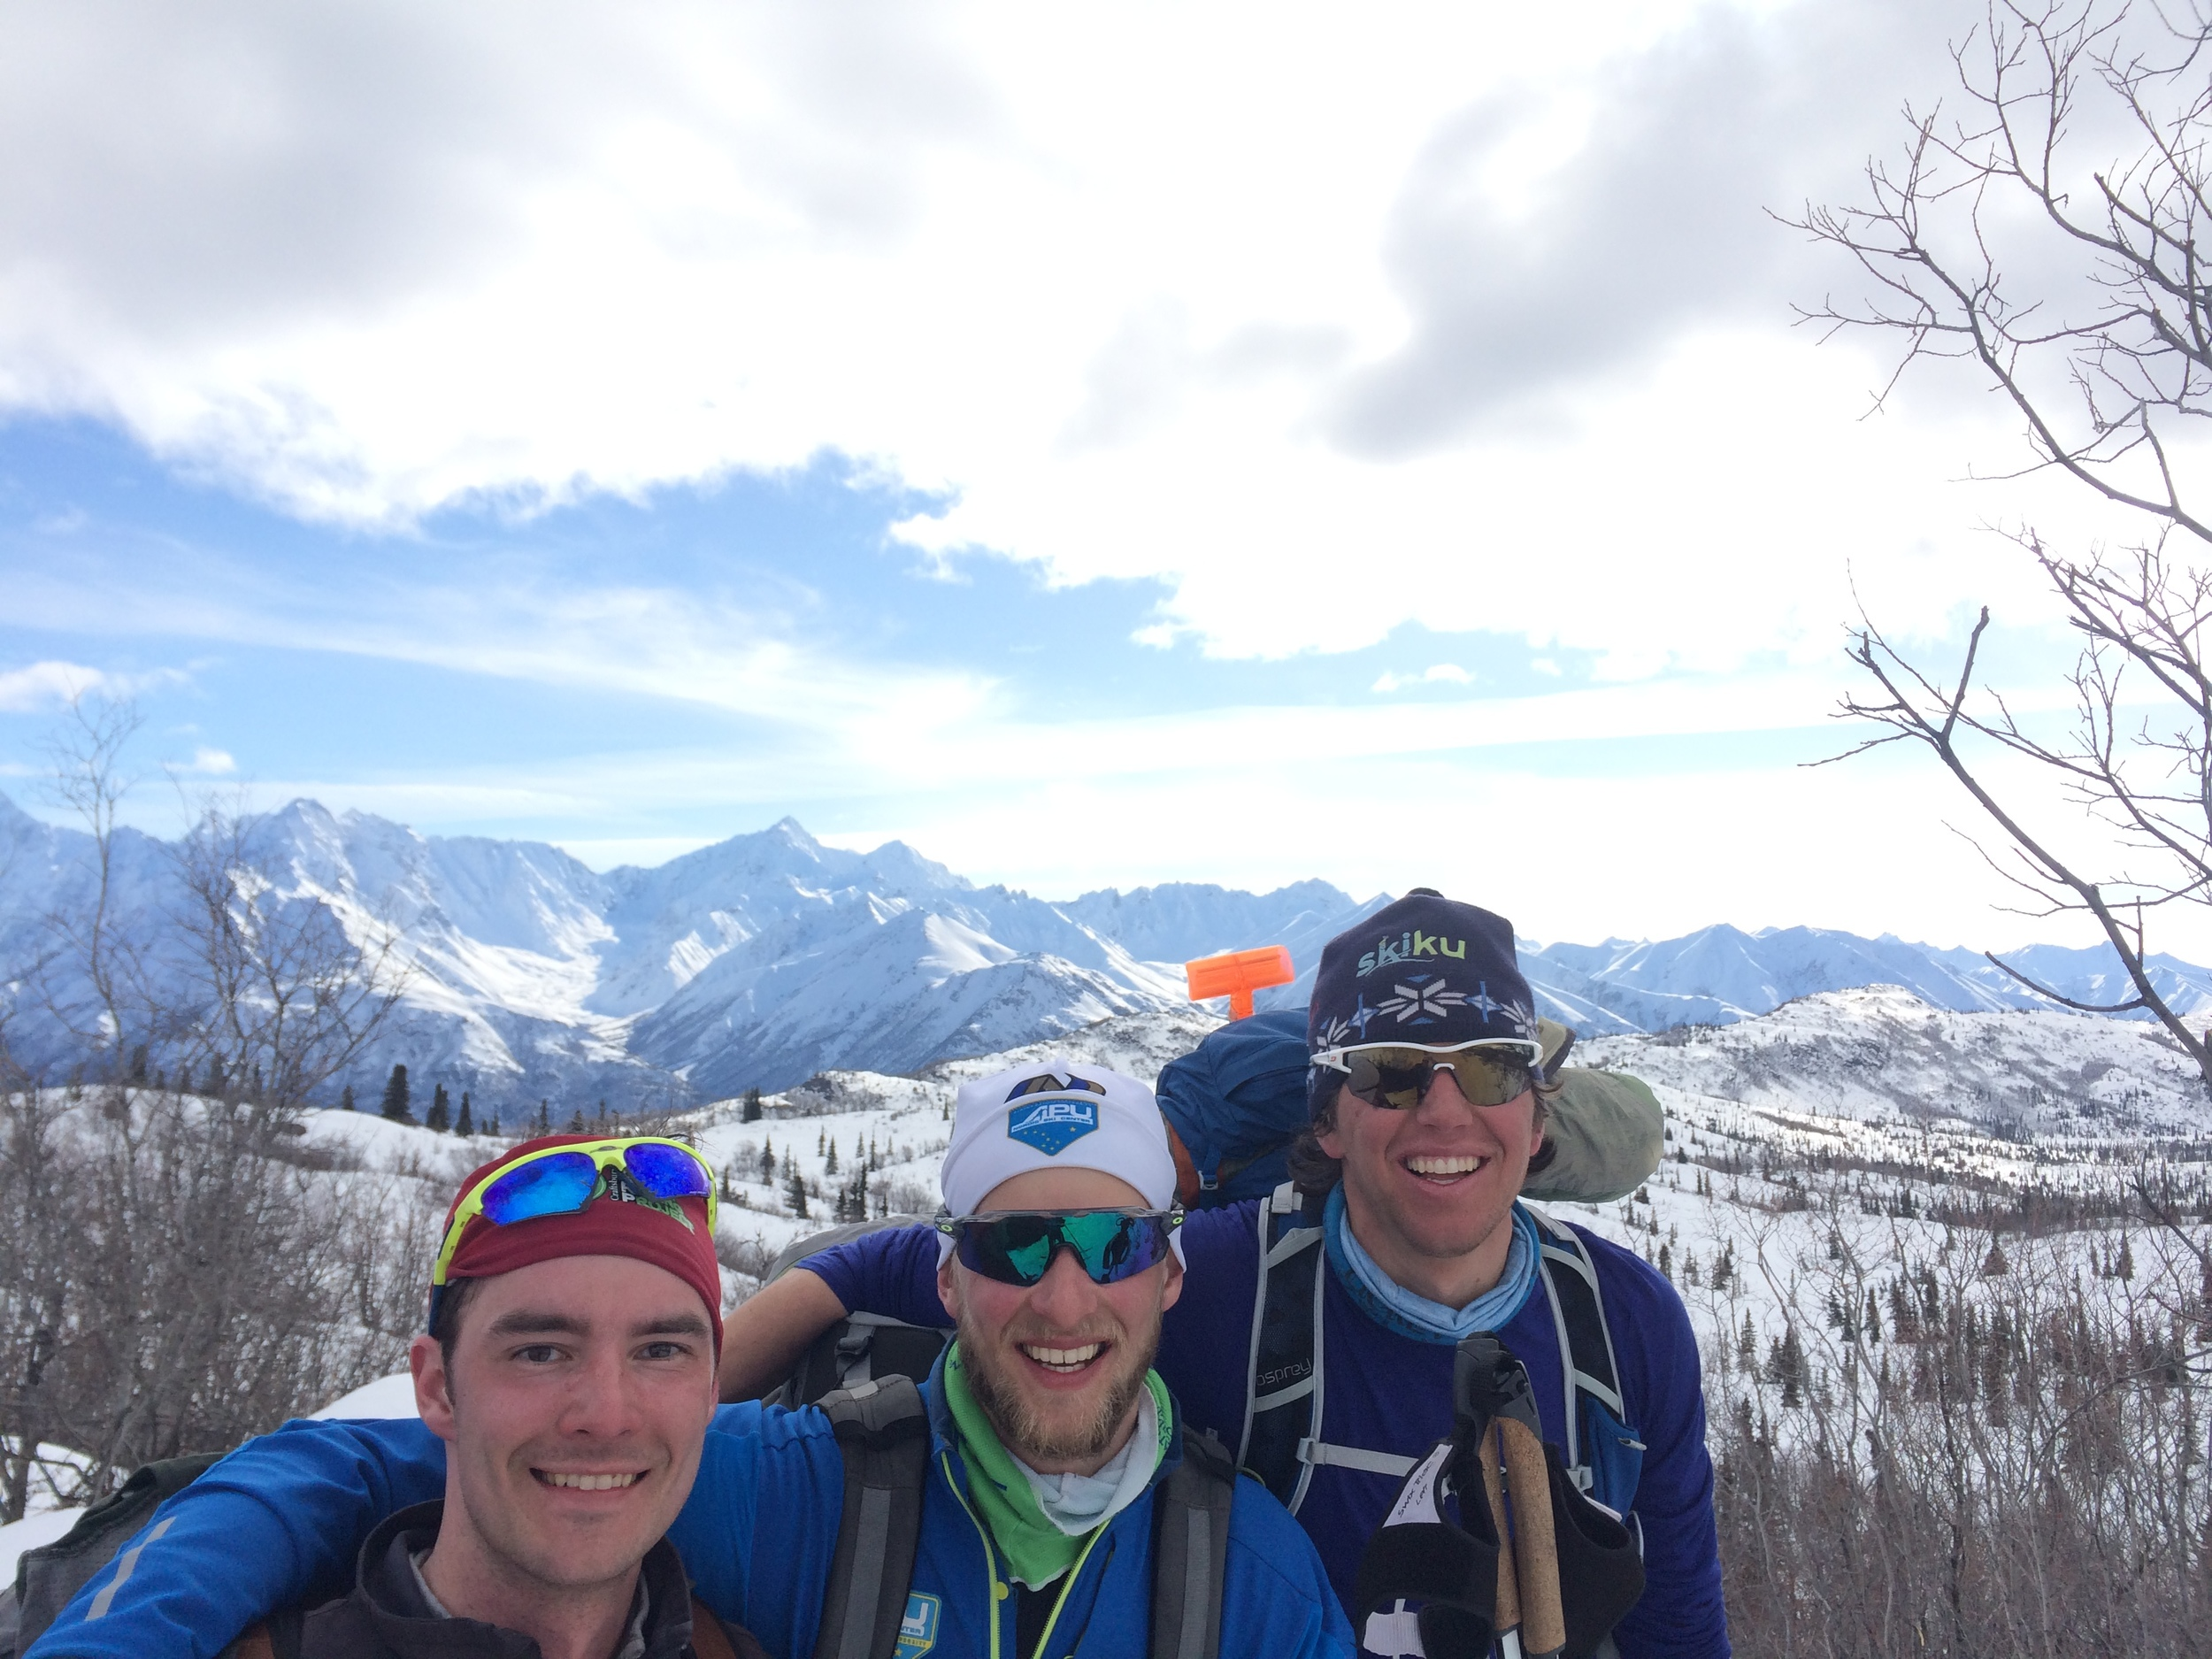 Thanks boys for a fun ski